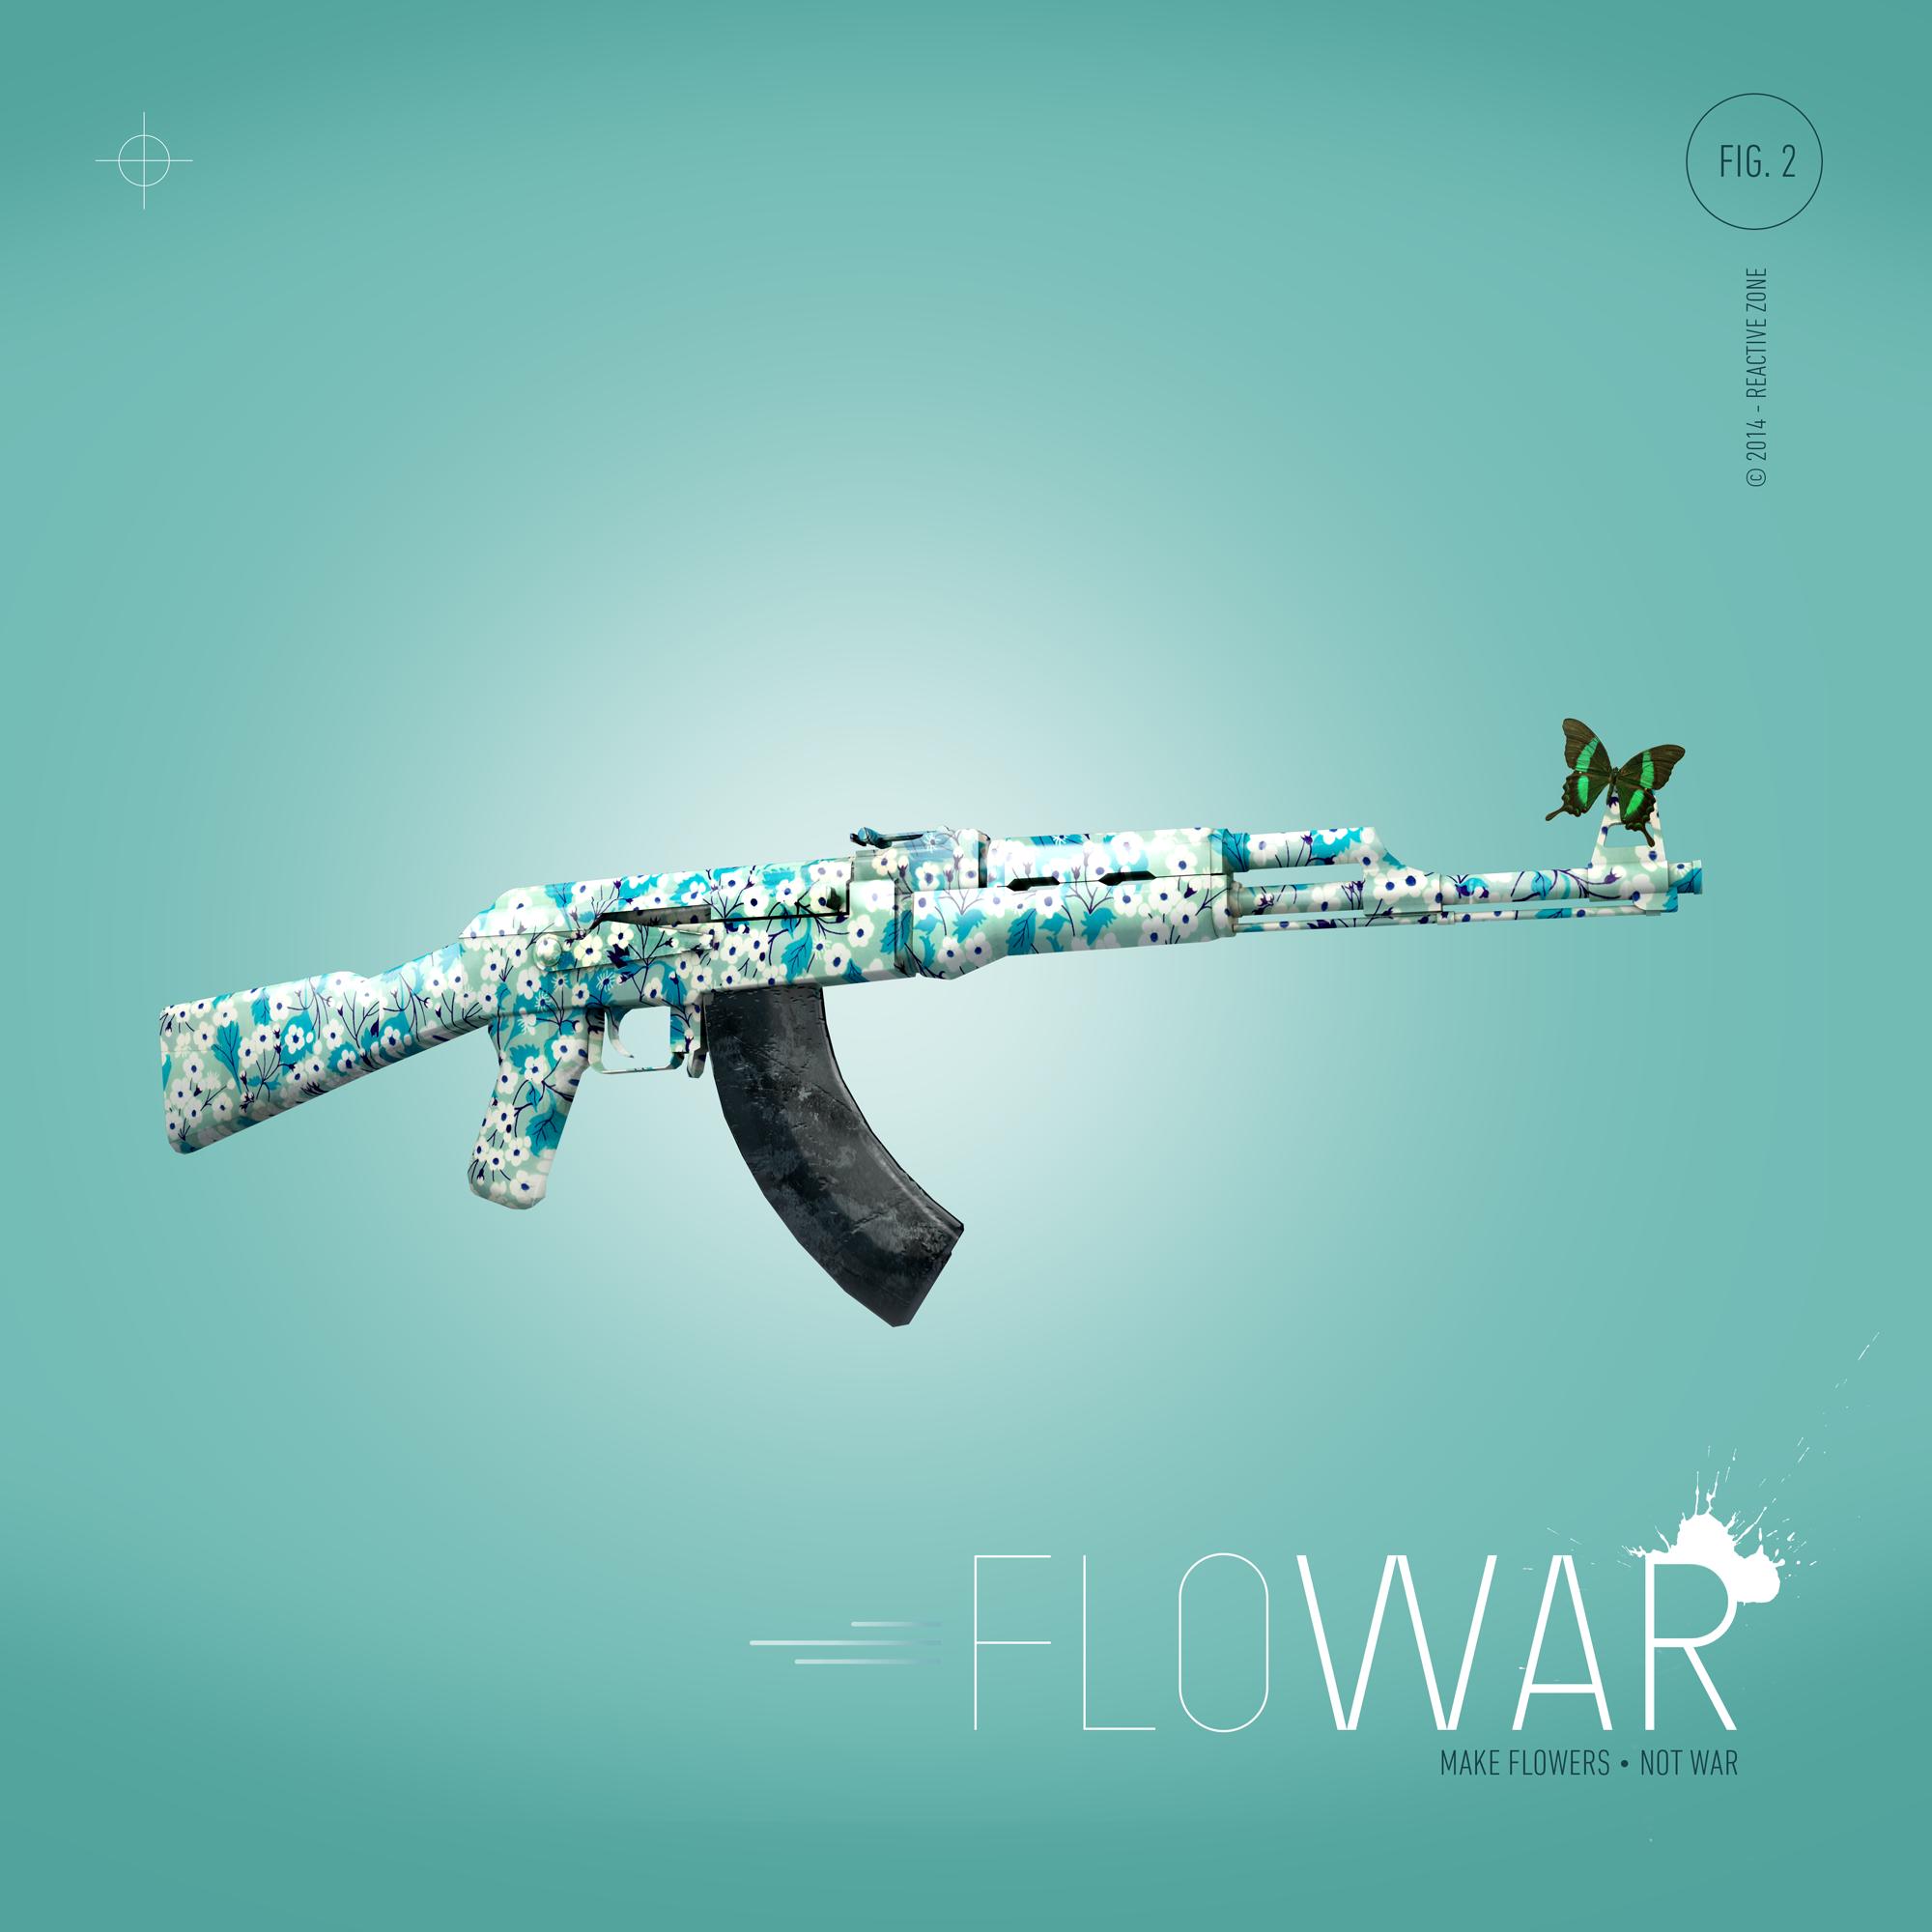 Flower-Power-Master-04